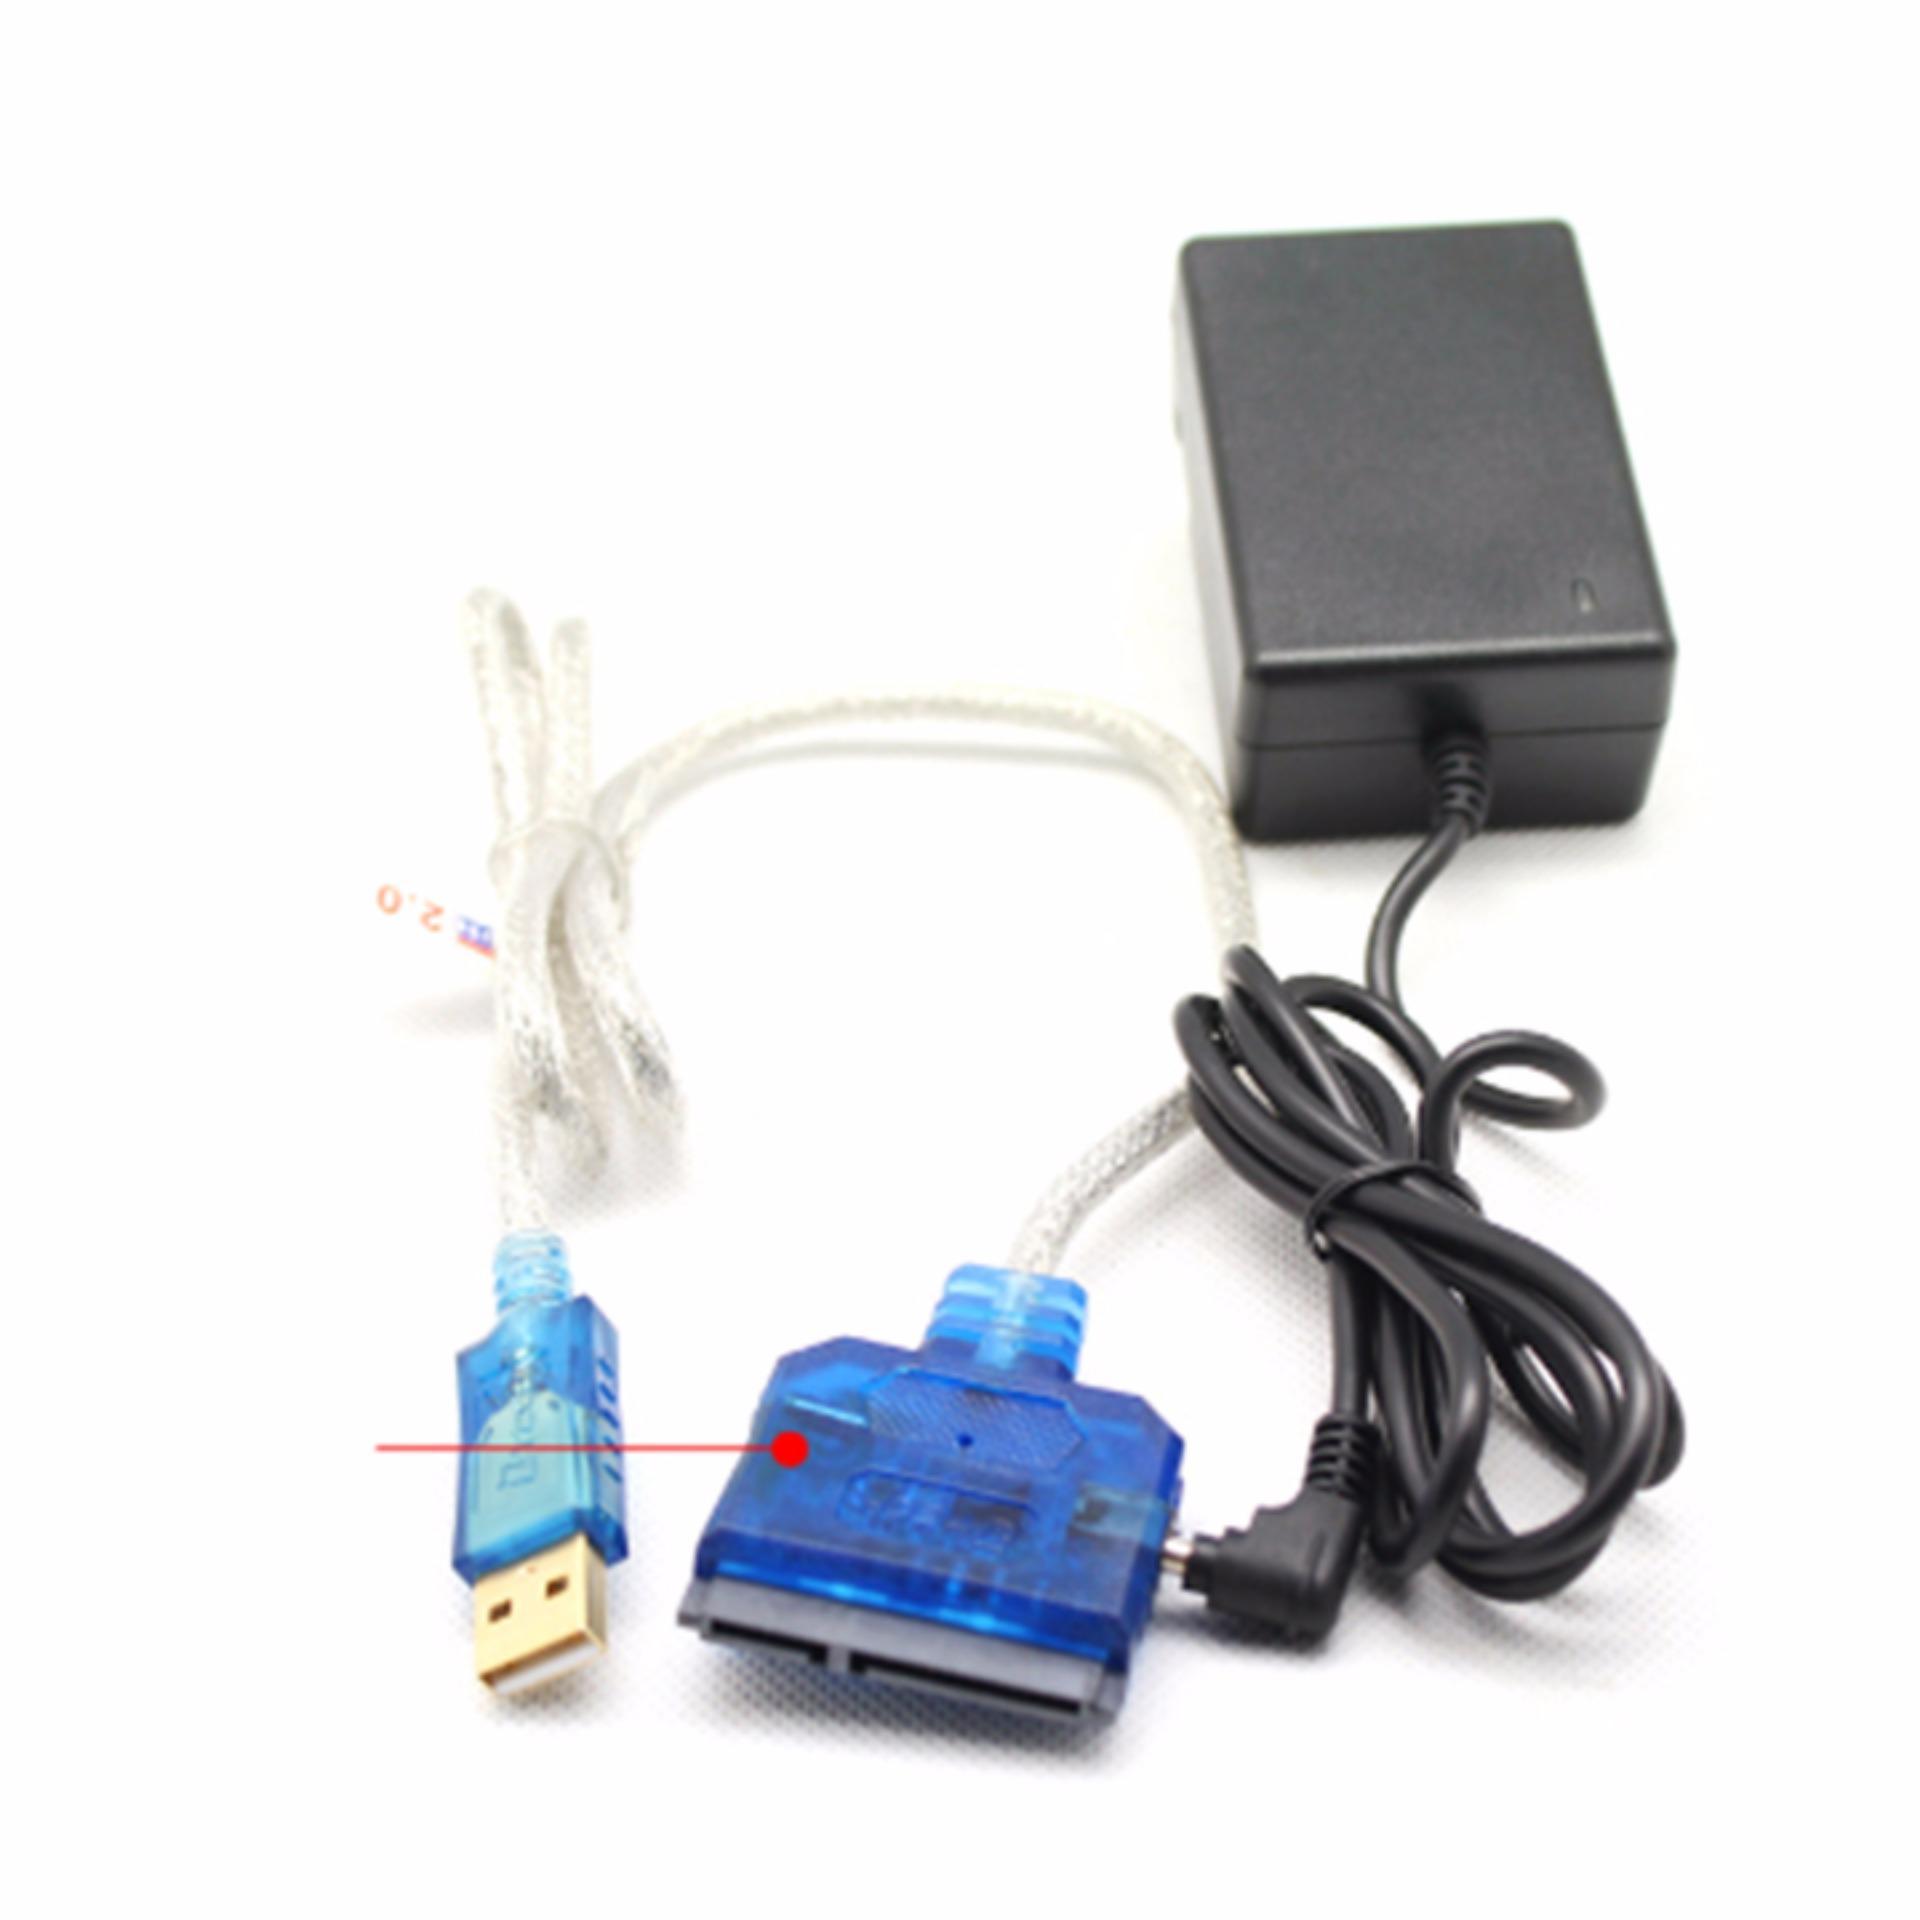 Giá Sốc Cáp chuyển đổi USB 2.0 sang sata ( kết nối HDD qua cổng USB)